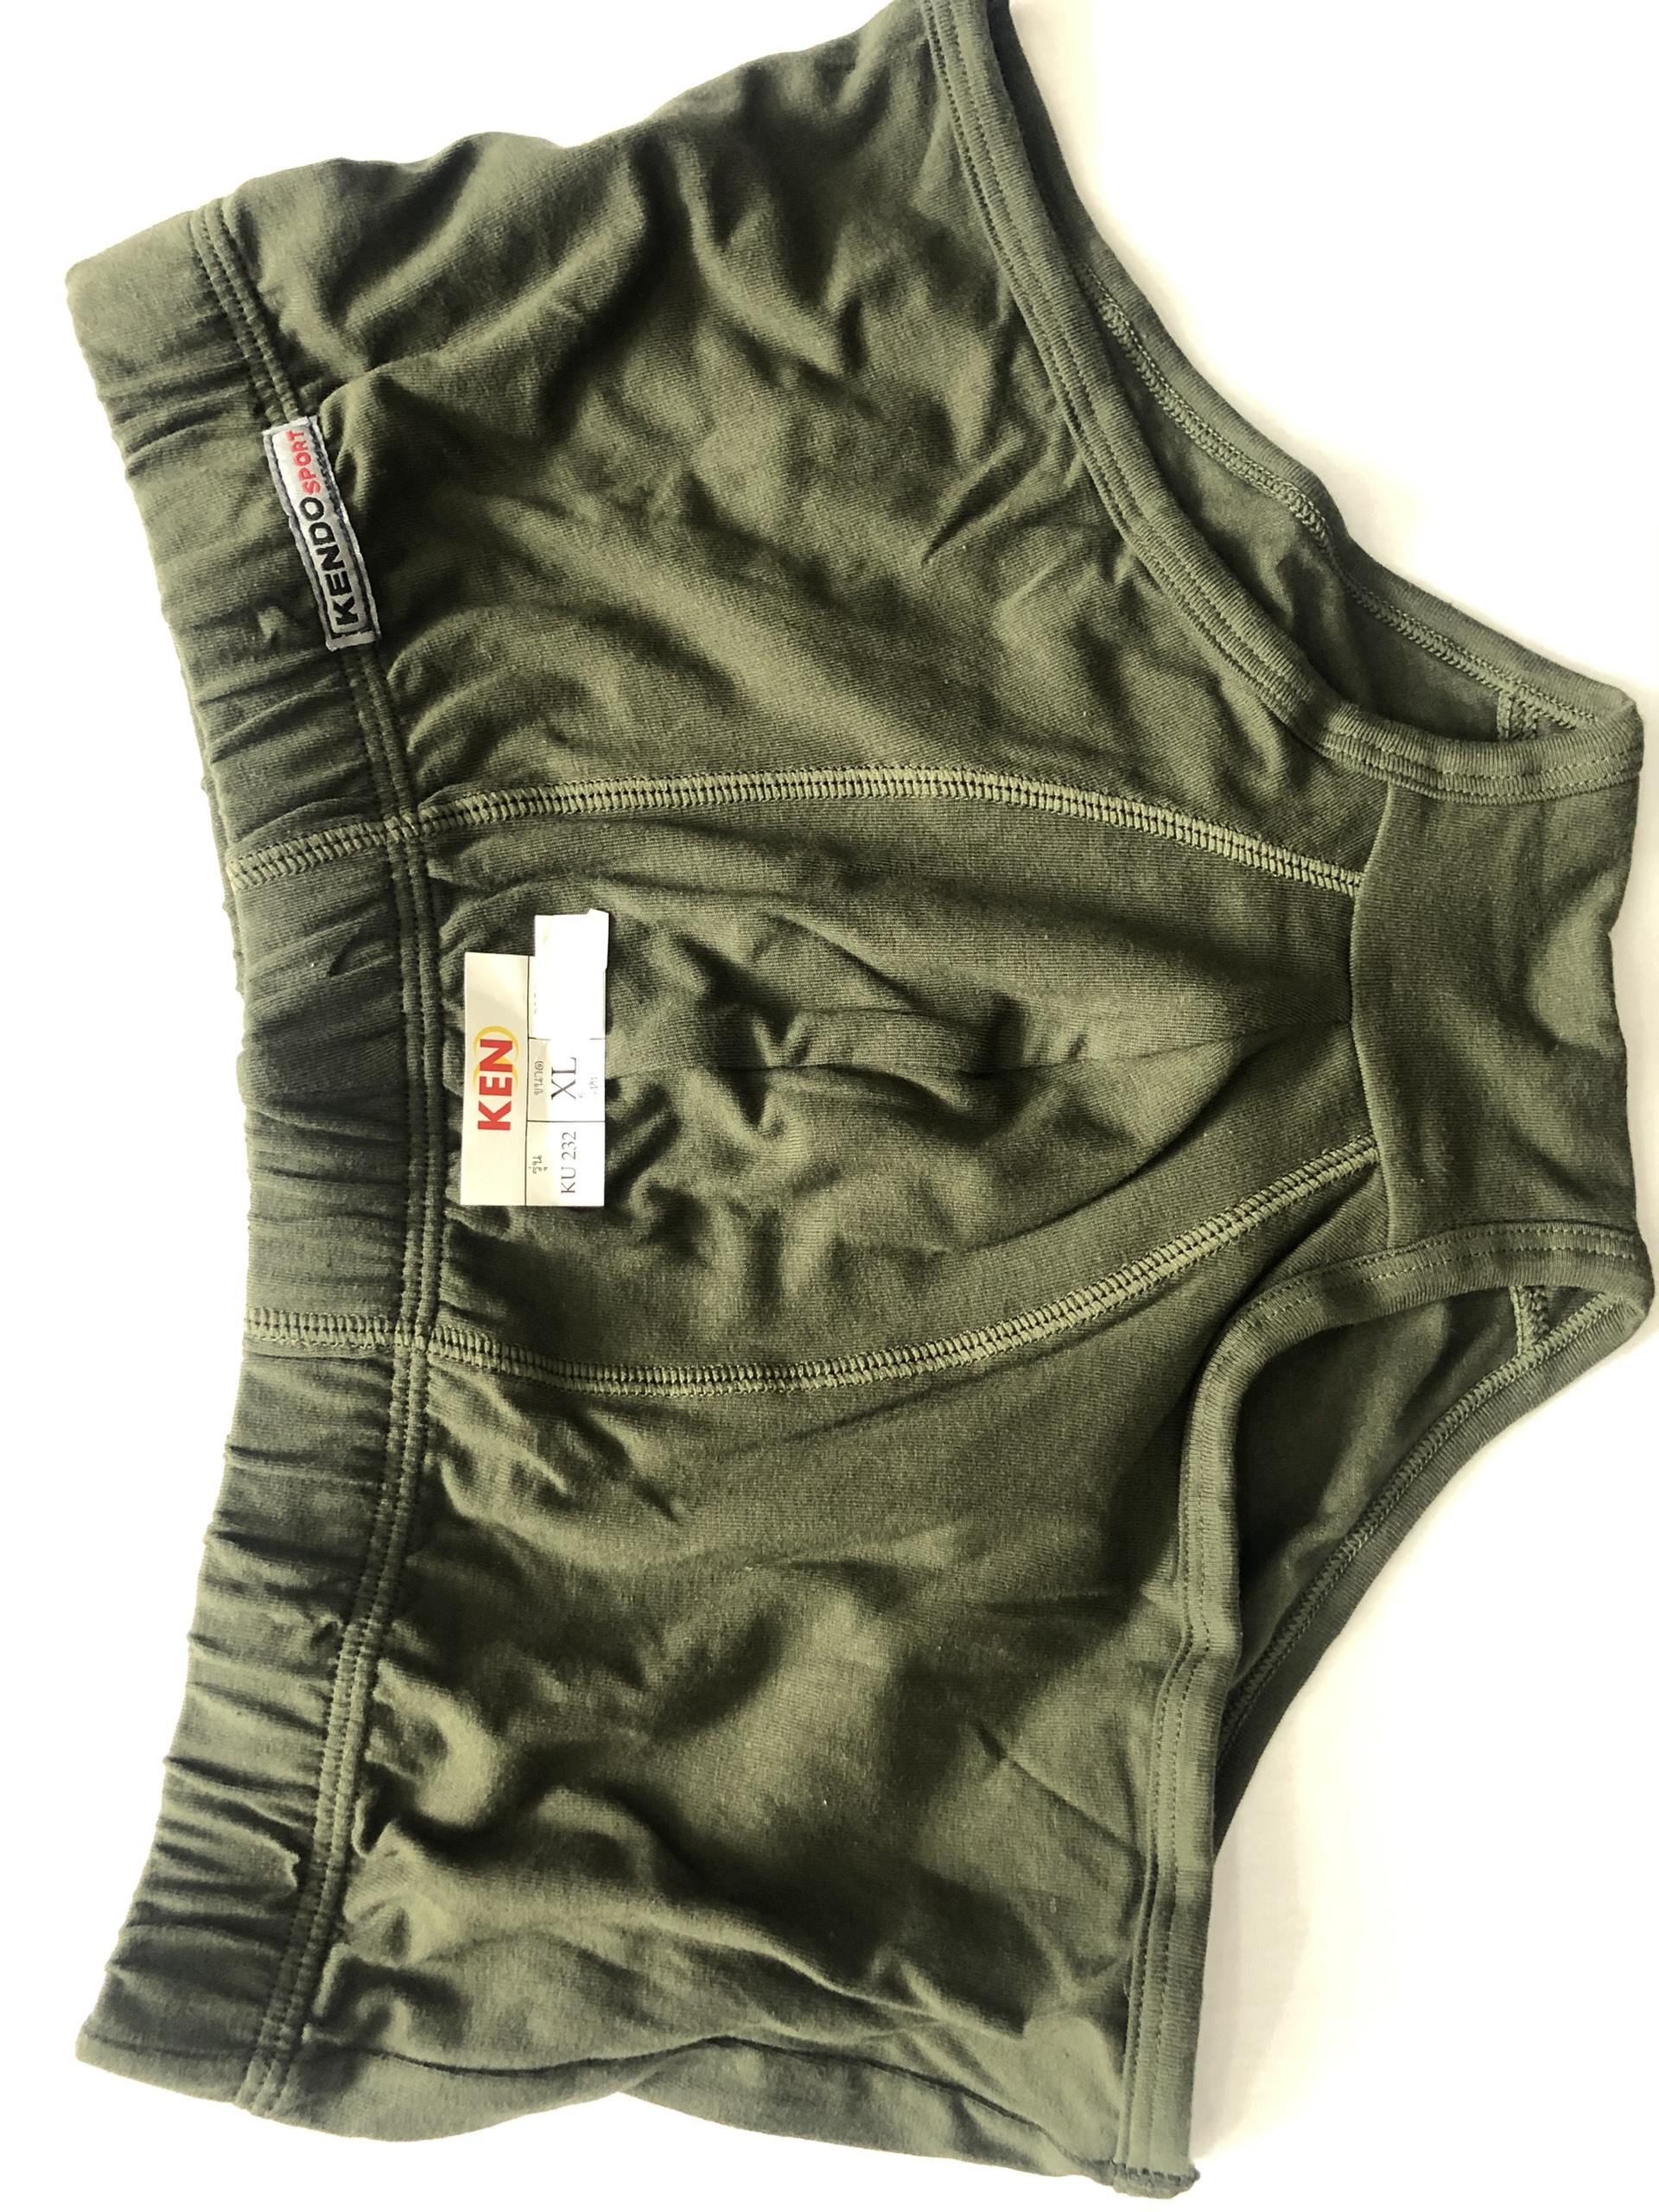 Quần lót nam loại KU 232(93% thành phần dệt từ cotton, 7% dệt từ sợi polymer tổng hợp spandex), Mã số: KU 232